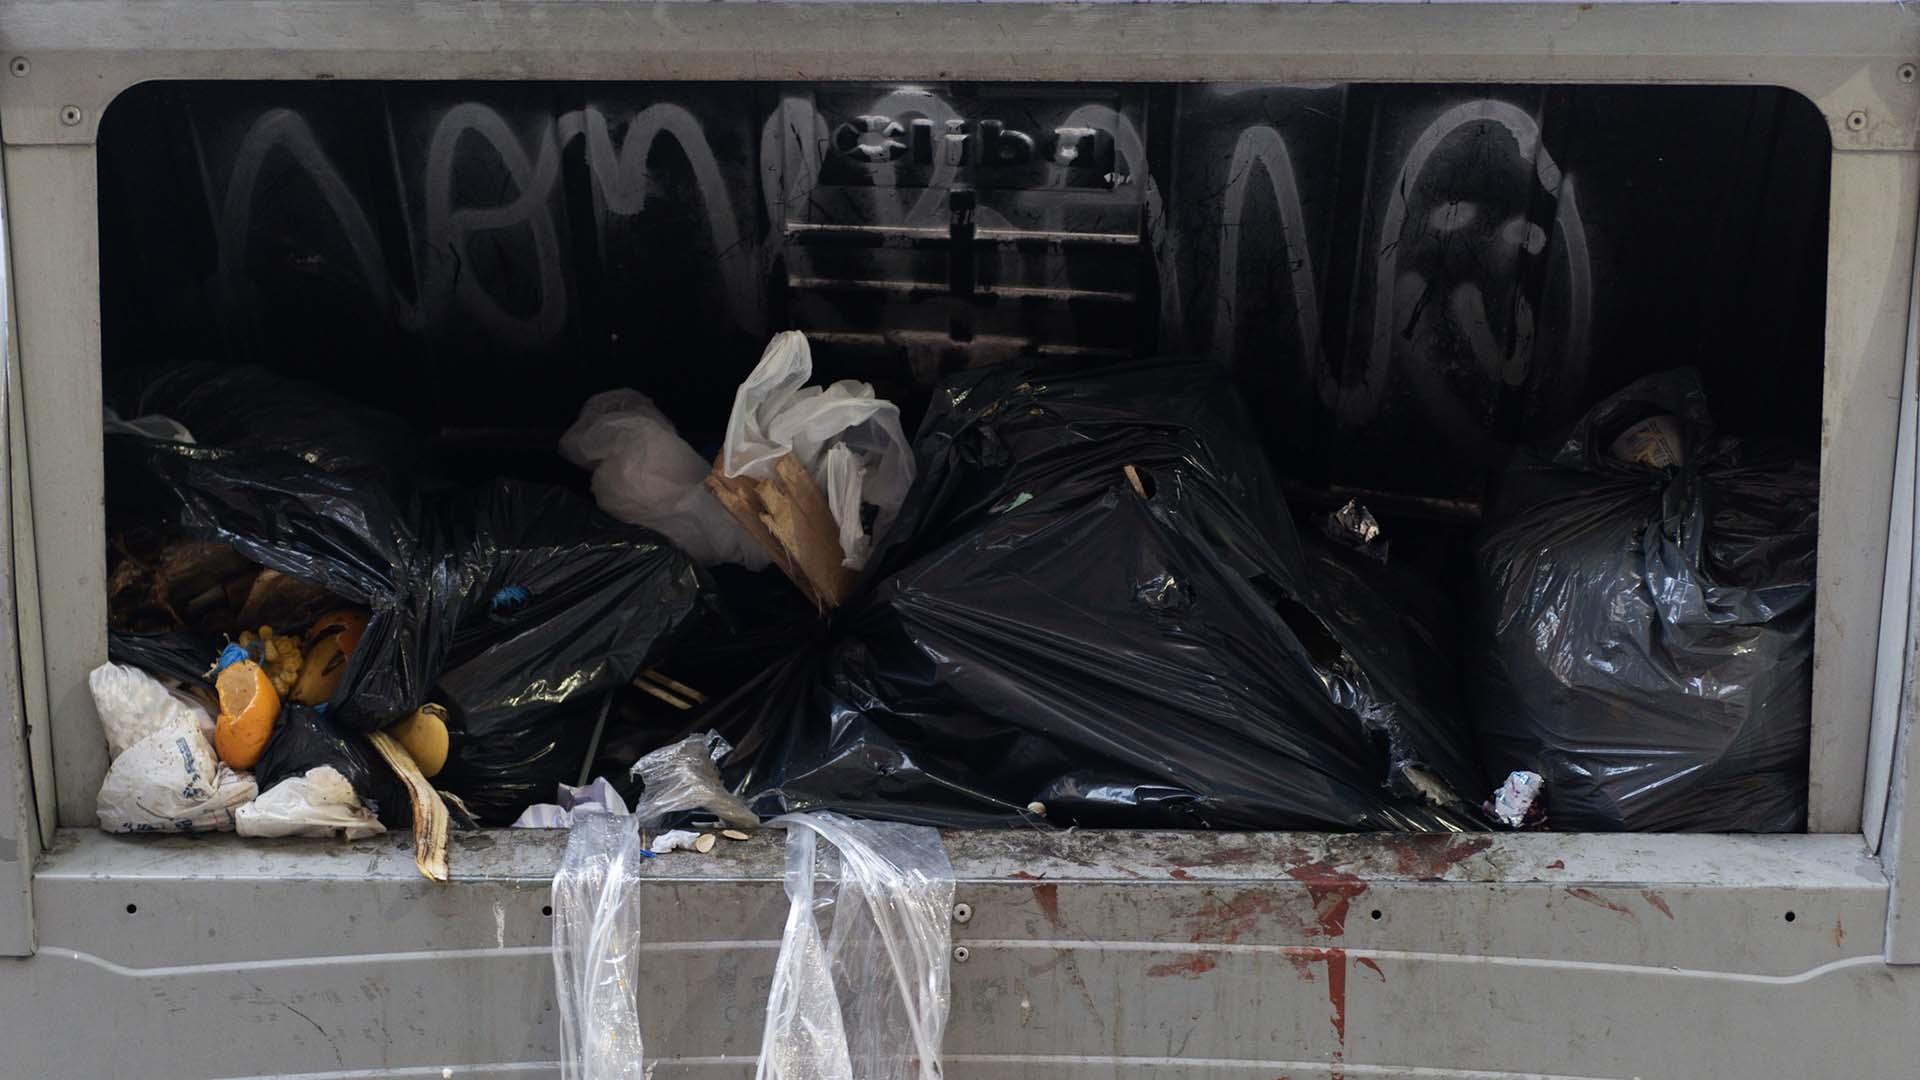 Restos de comida y bolsas de consorcio en uno de los volquetes de basura.